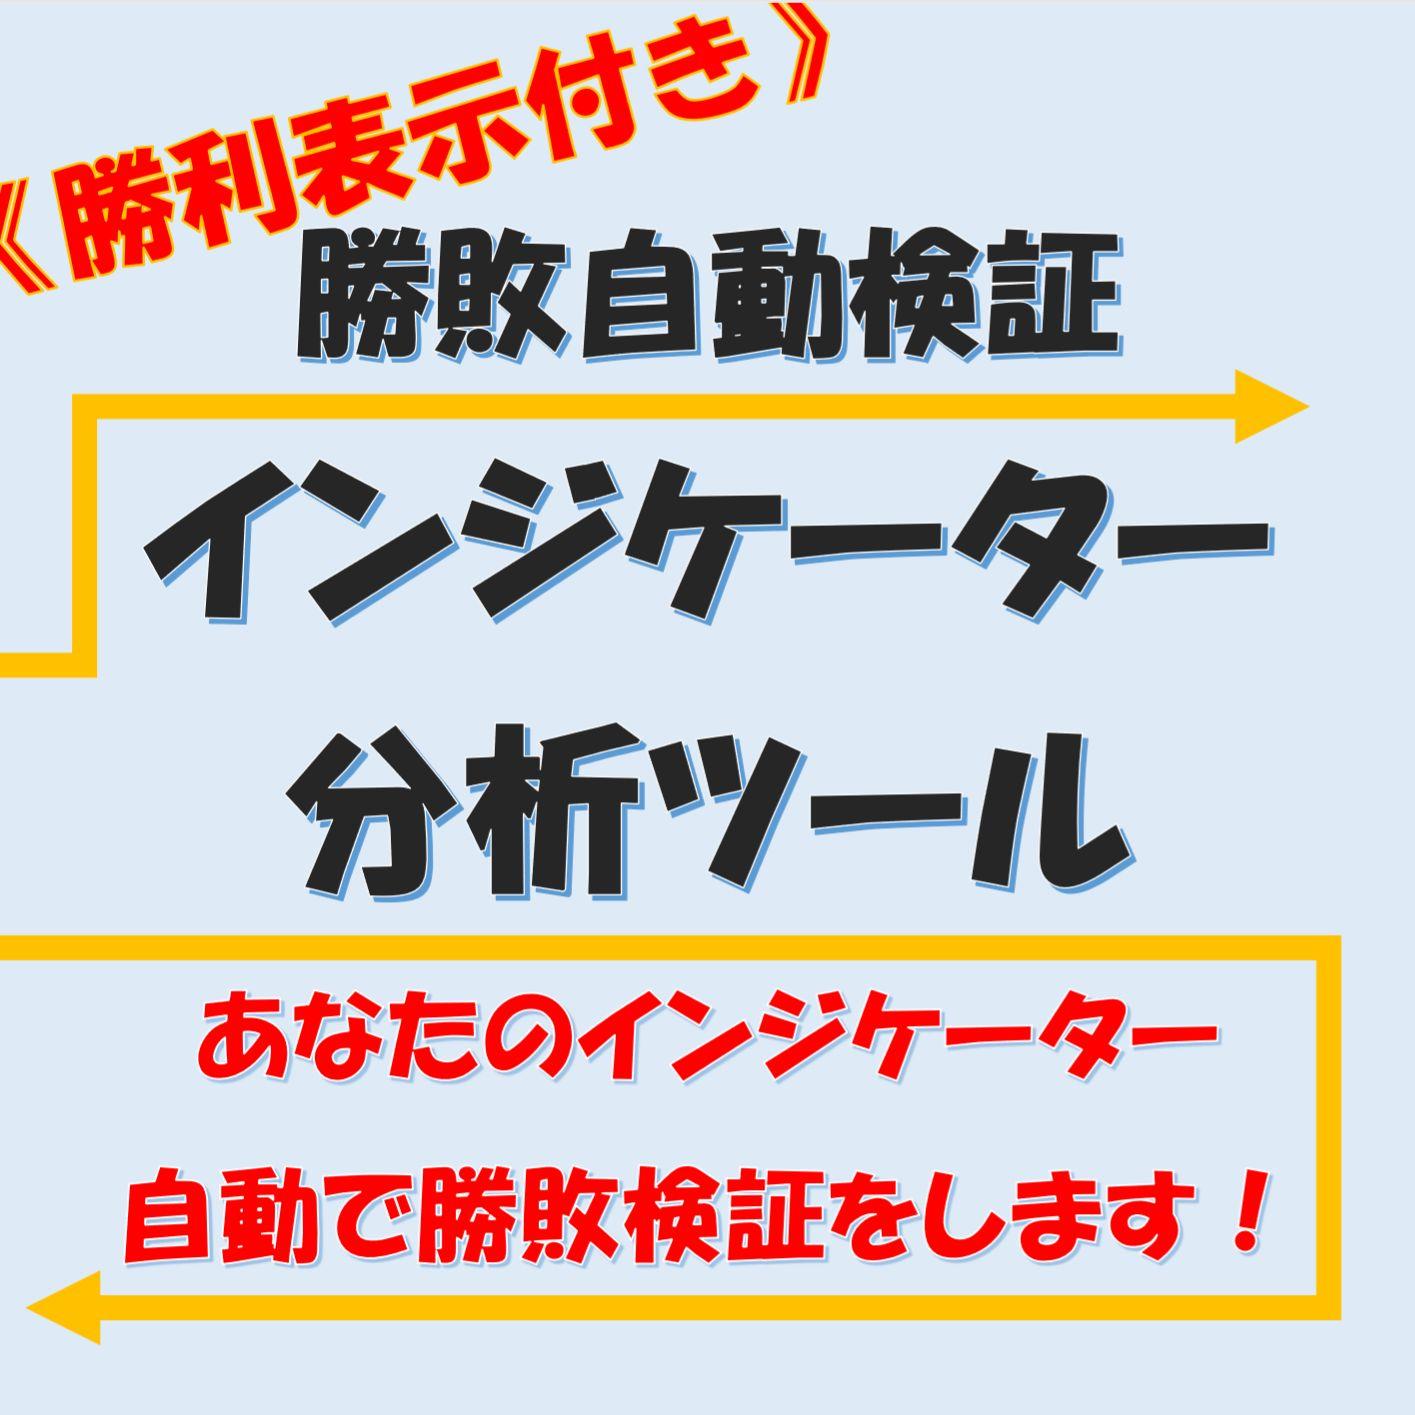 【徹底分析】勝率自動検証インジケーター